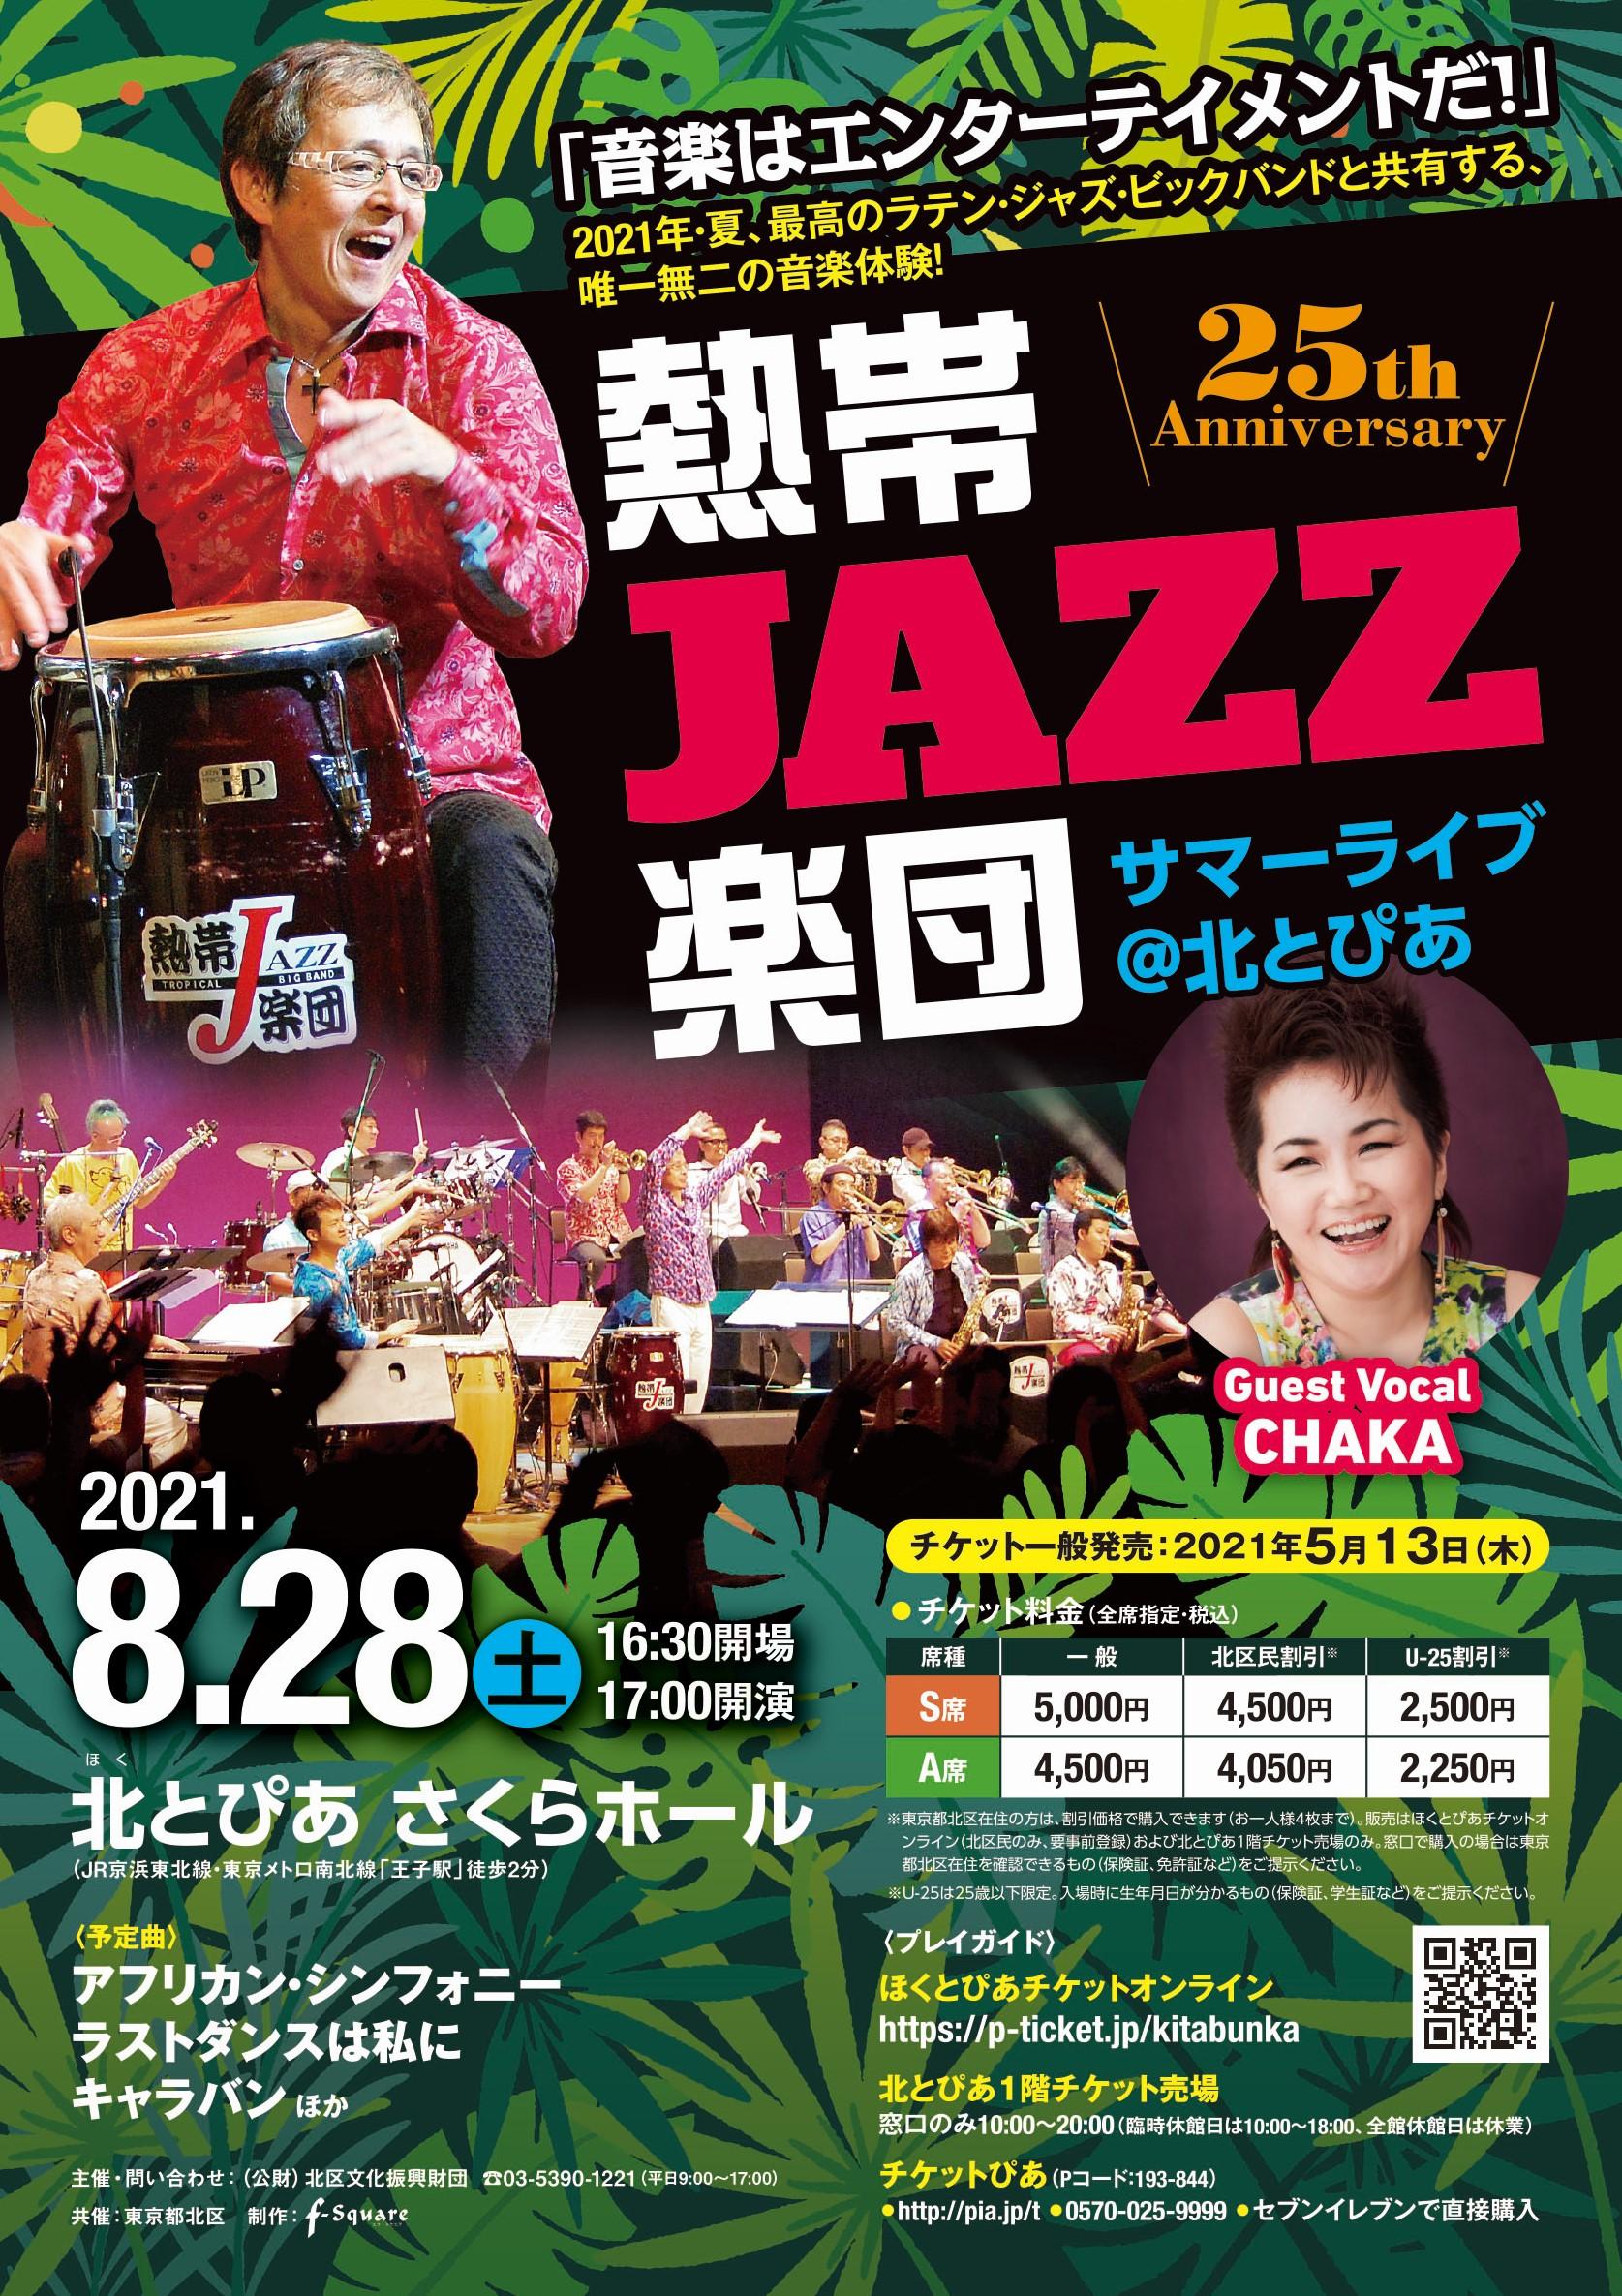 熱帯JAZZ楽団 サマーライブ@北とぴあの画像